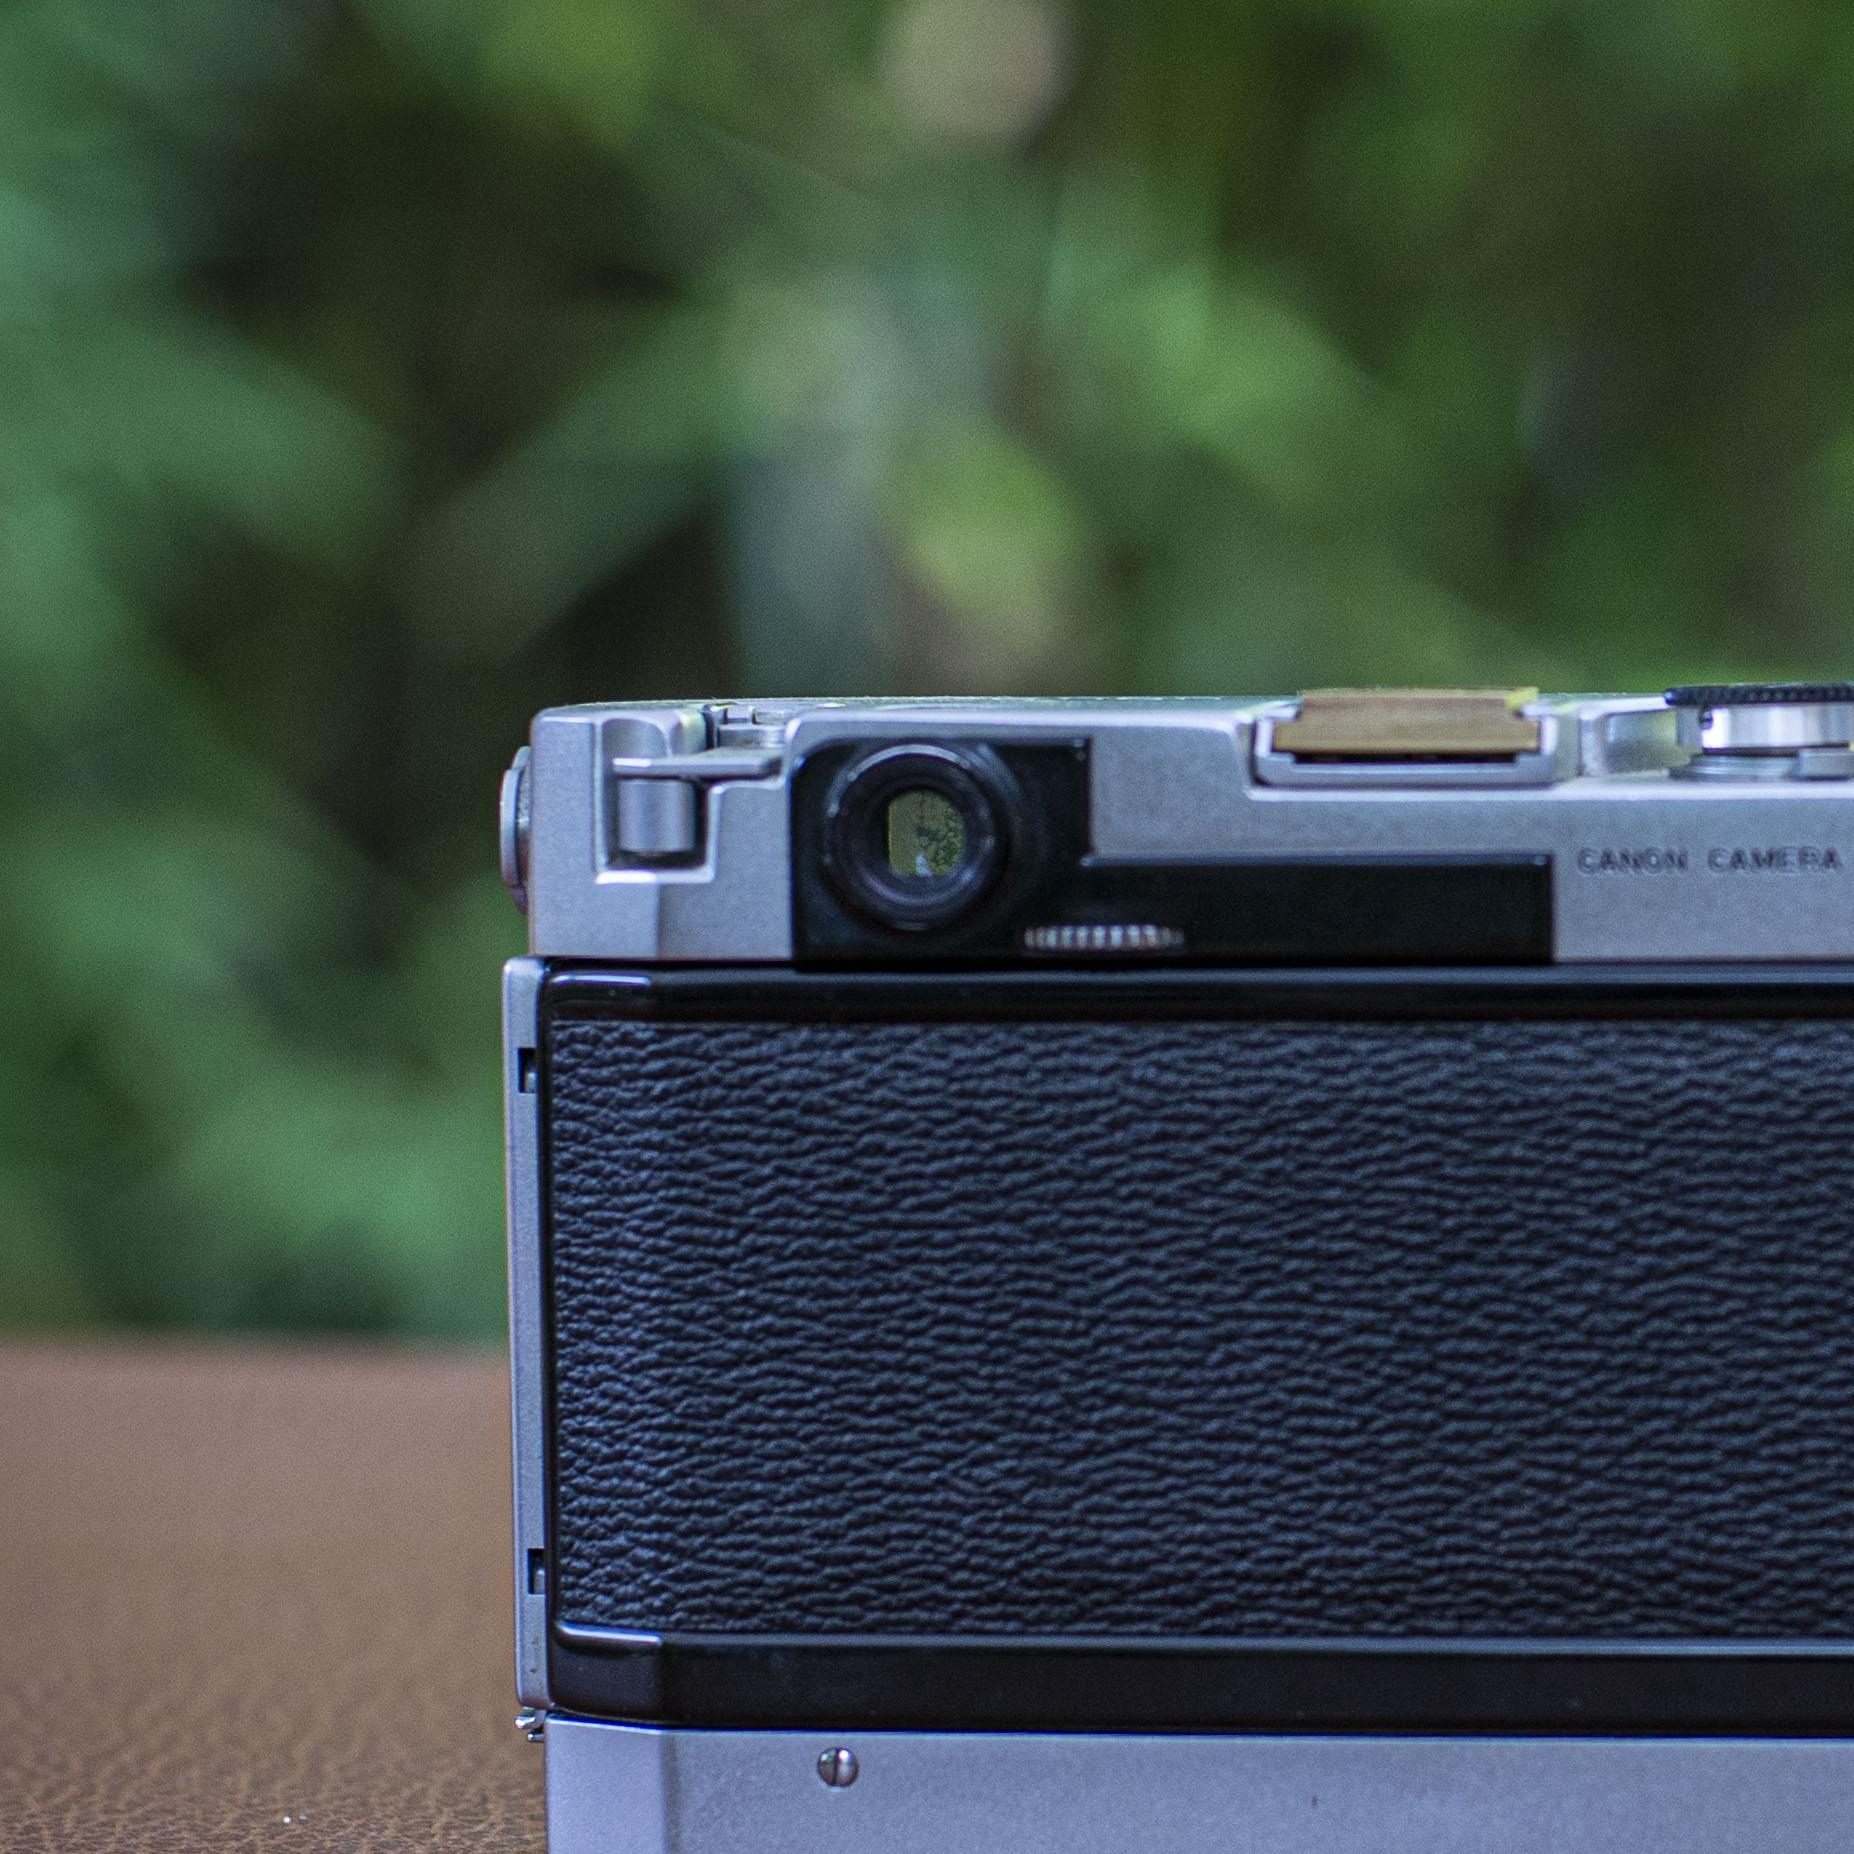 camera rangefinder adjustment dial